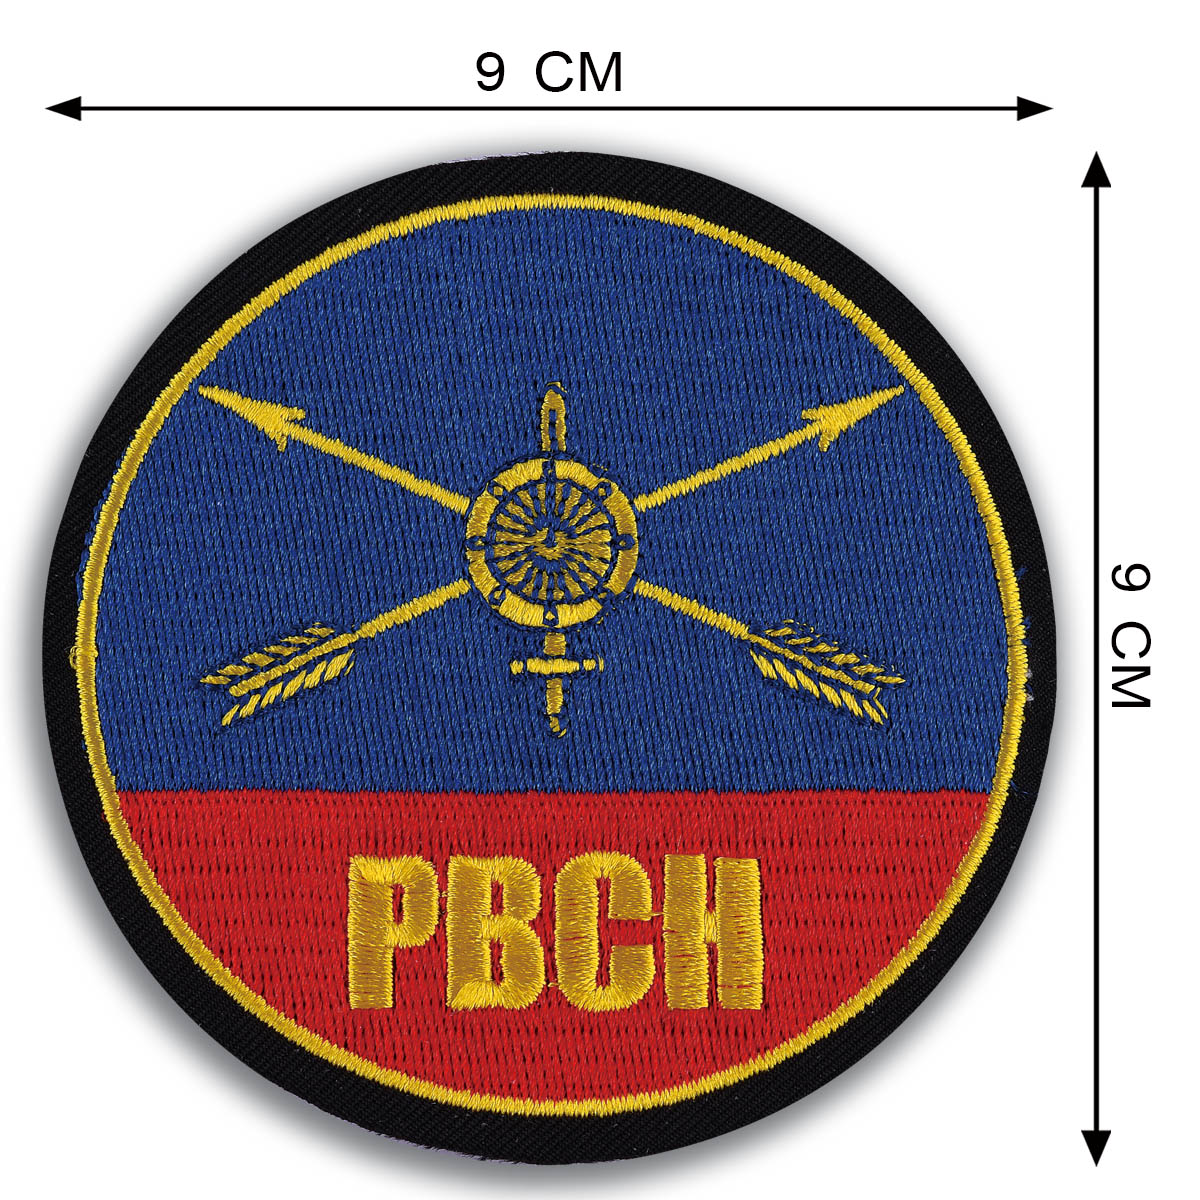 Уставная мужская толстовка с капюшоном и шевроном РВСН.